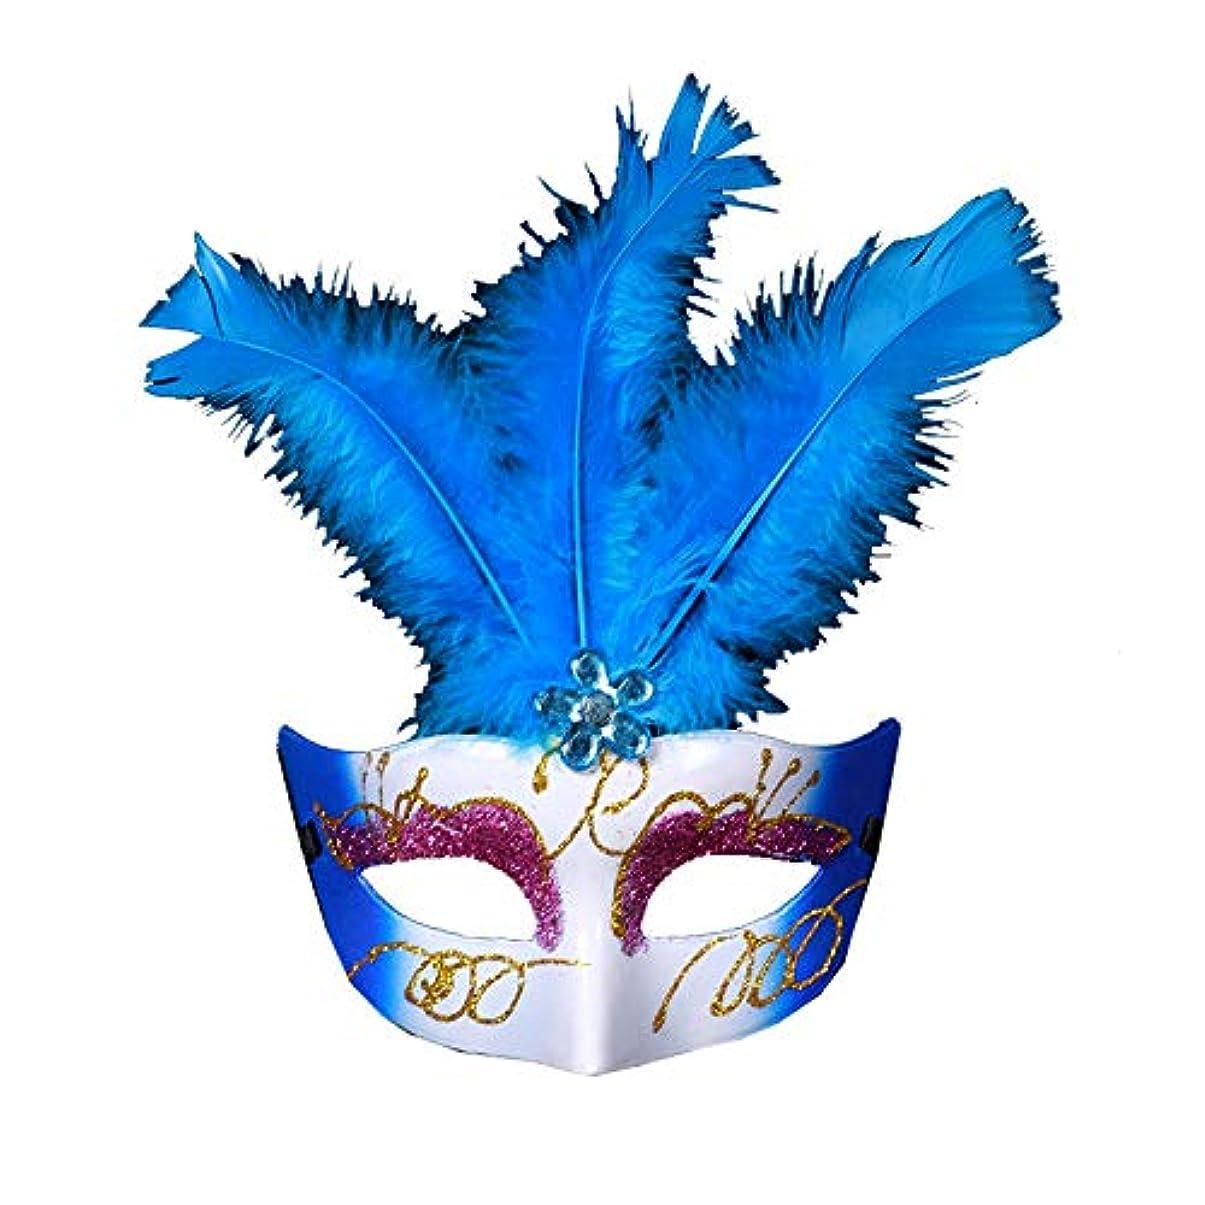 ブルーベル封建発音ハロウィン大人子供仮装コスプレパーティーショーのプリンセスドレスアップ小道具フェザーマスク,A